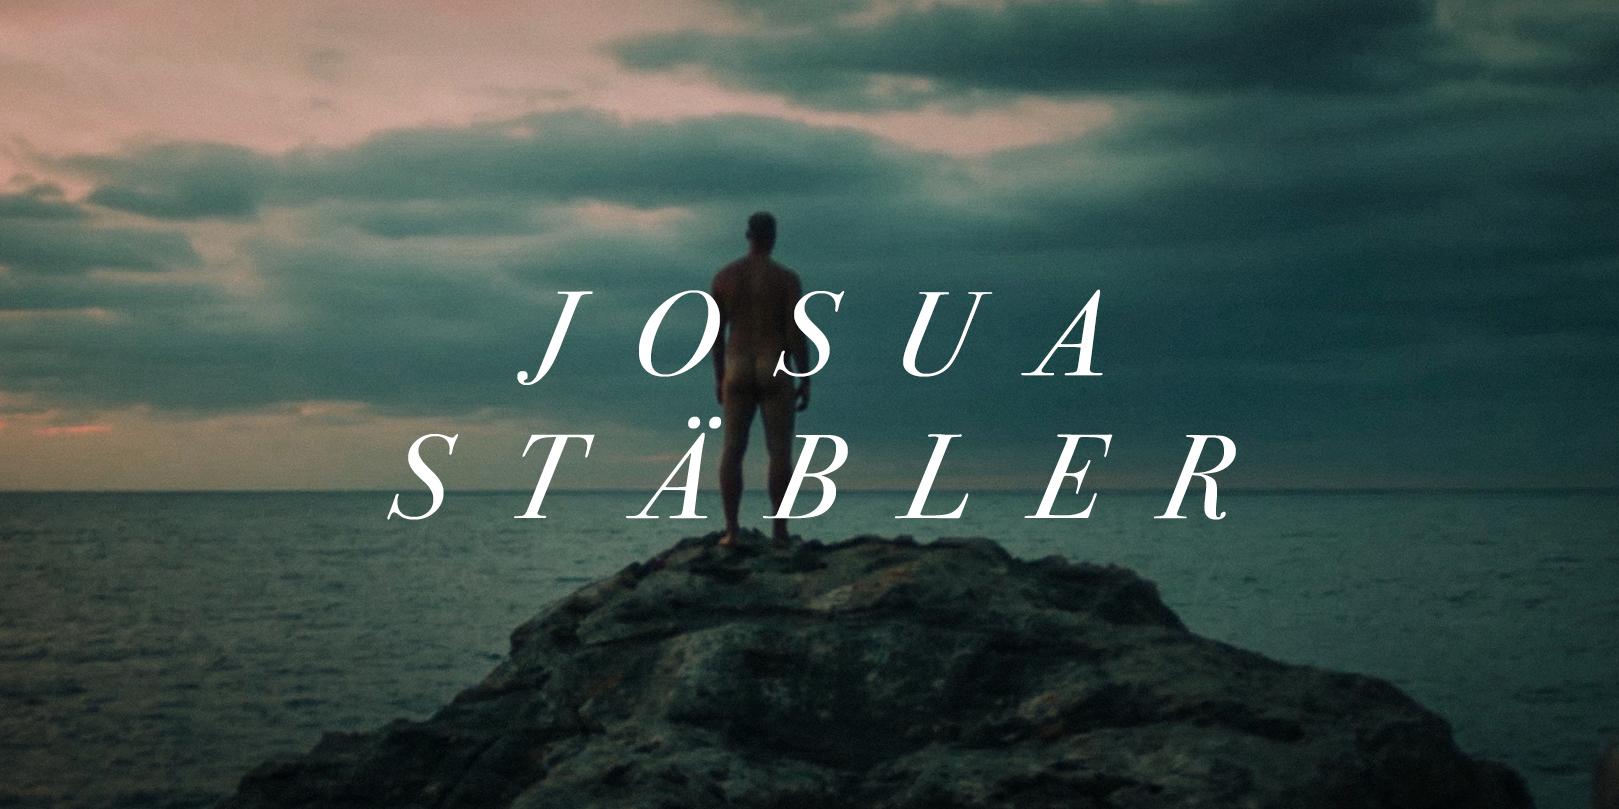 MATCH_CAROUSEL-JosuaStaebler-01.jpg